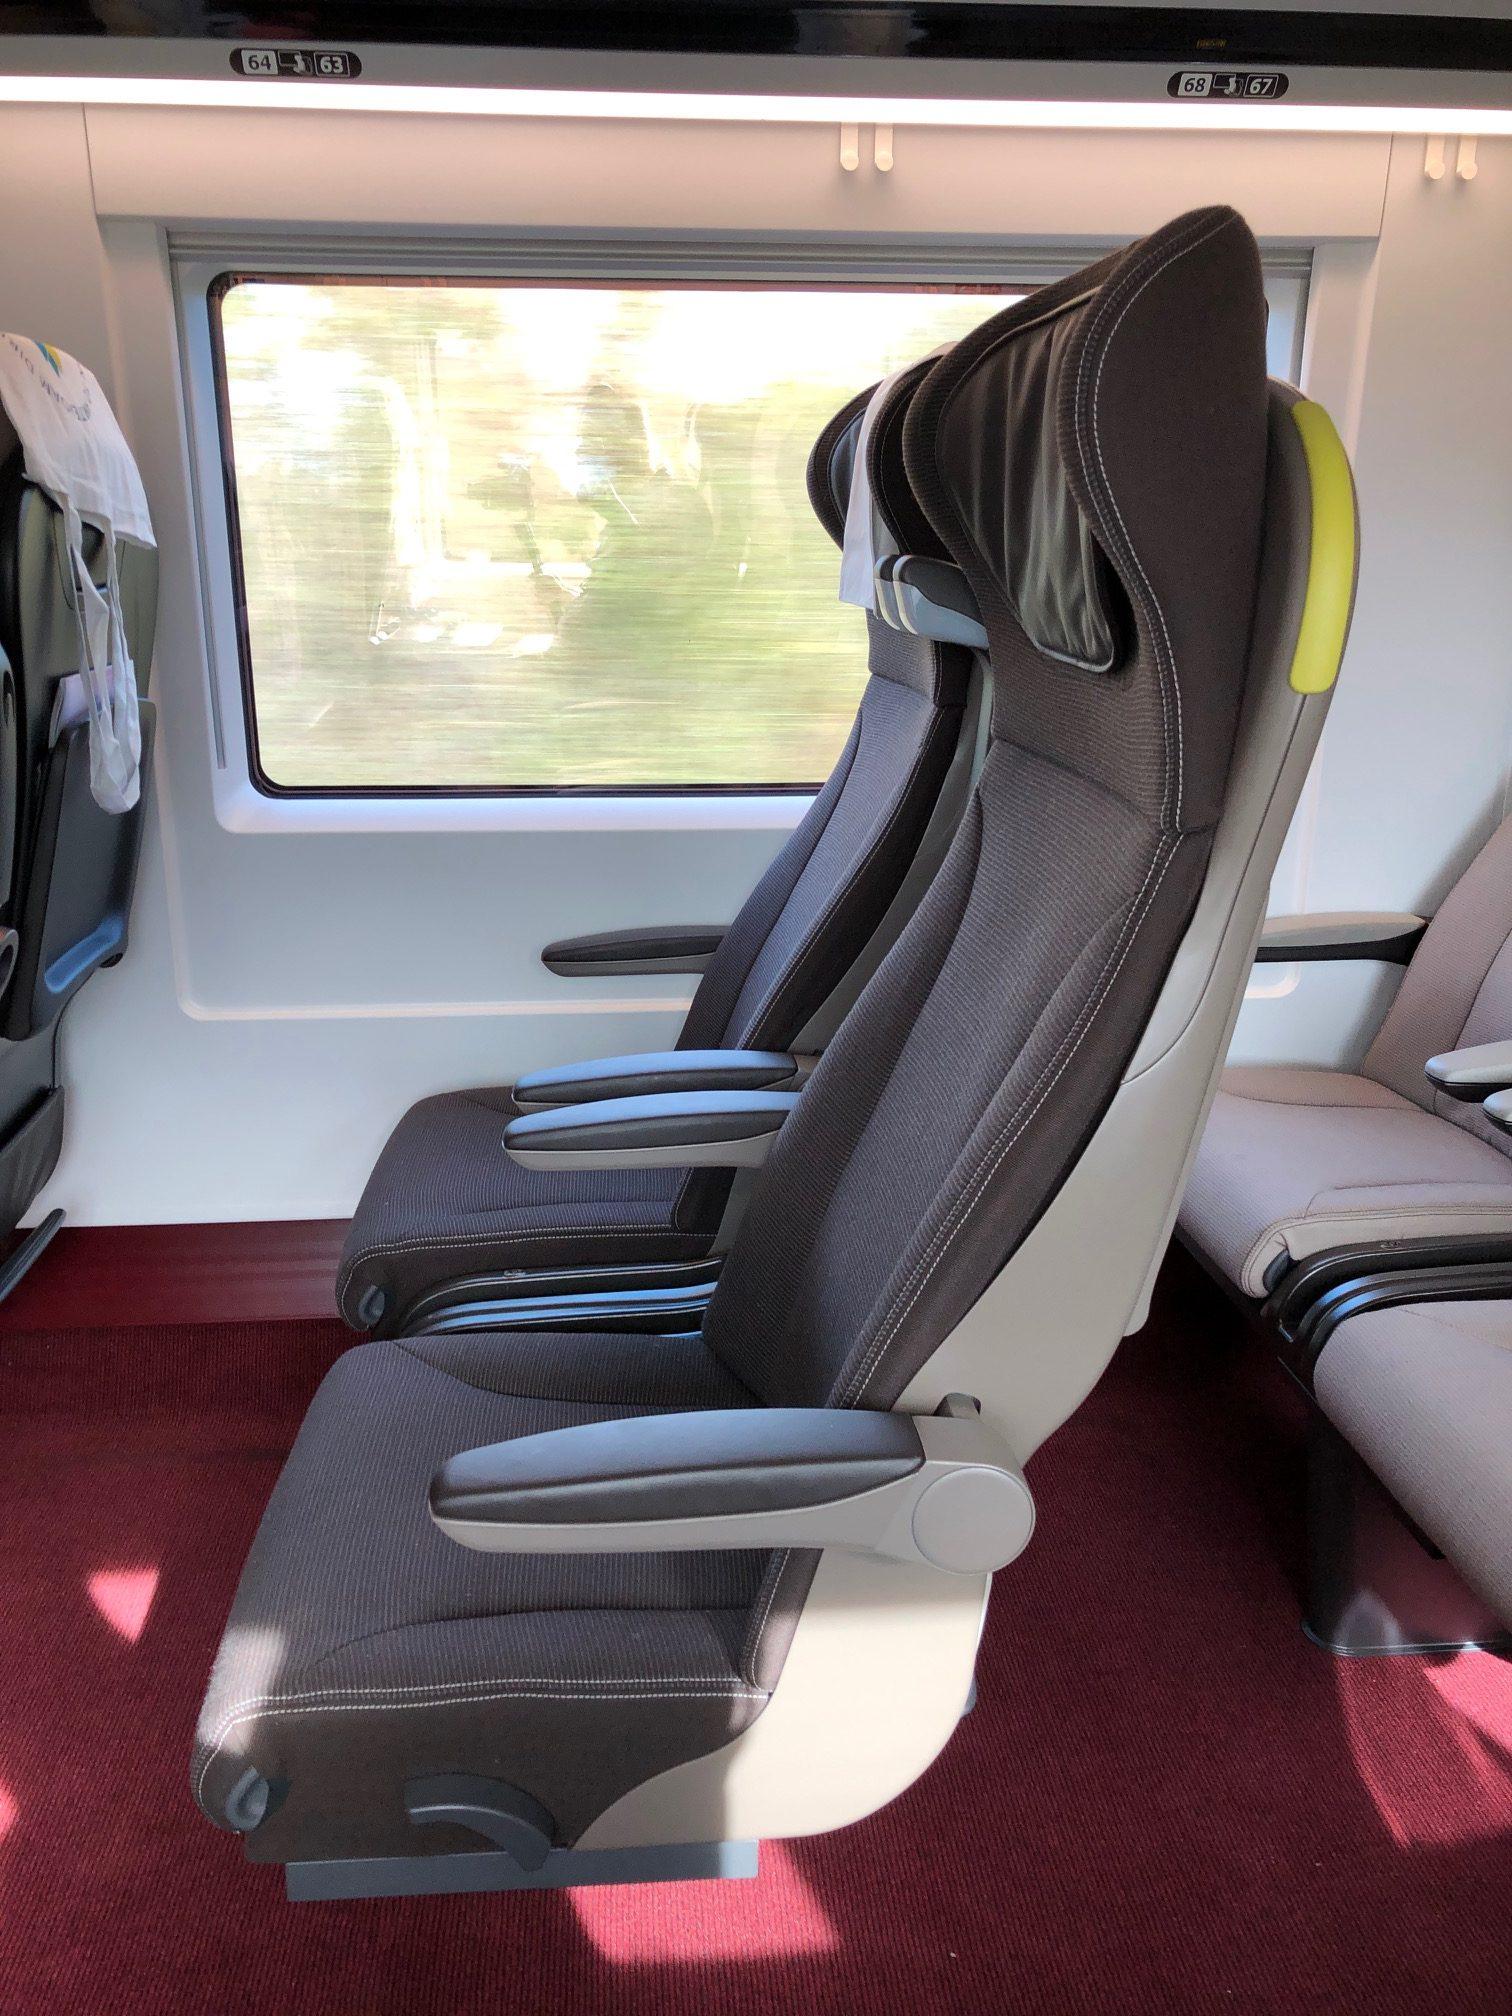 Eurostar E320 direct Eurostar from London to Amsterdam